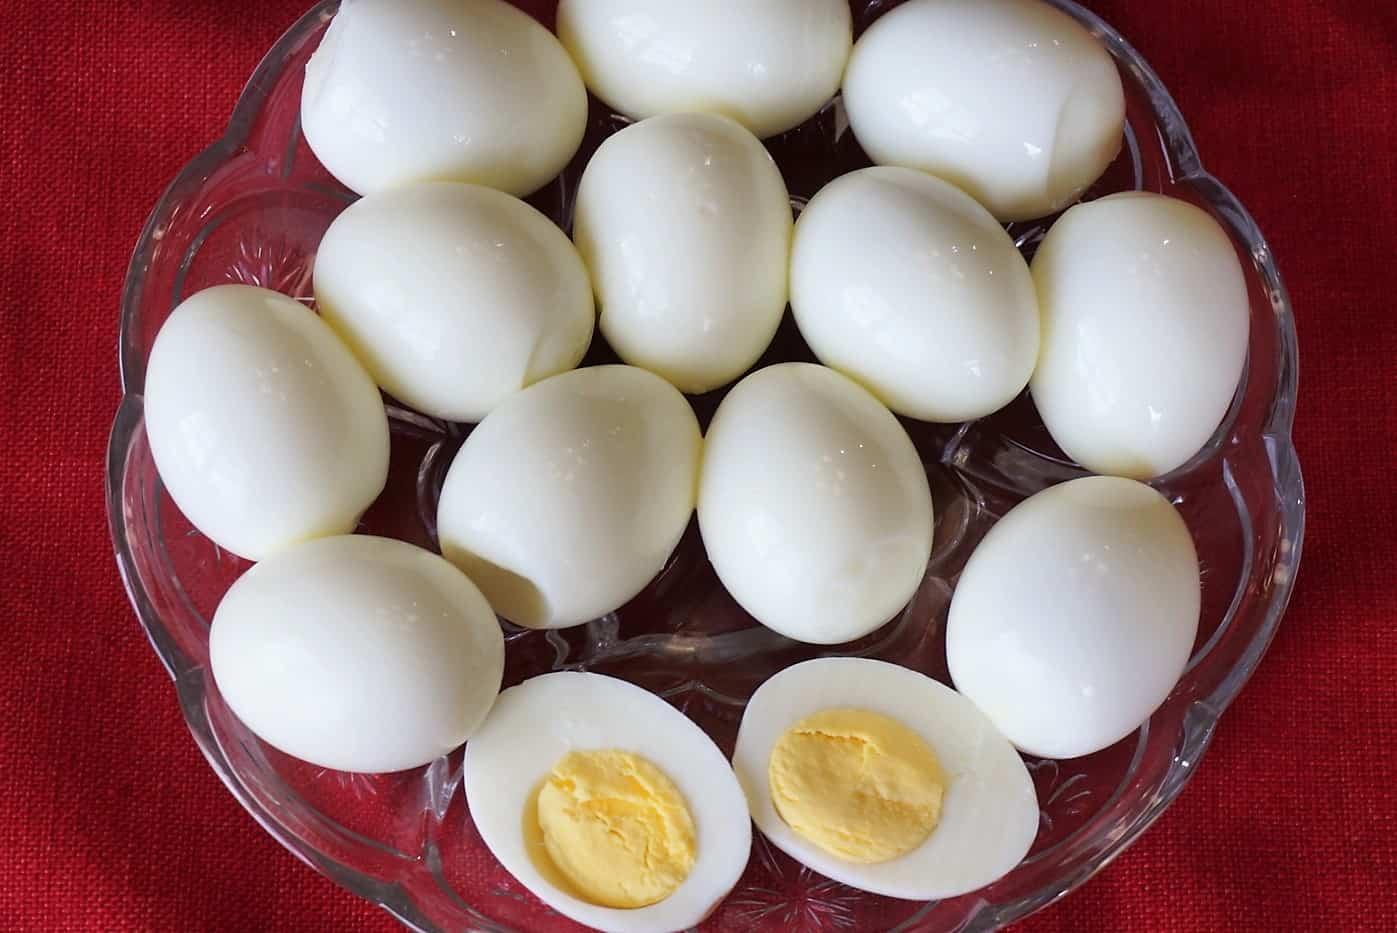 Instant Pot Hard-Boiled Eggs